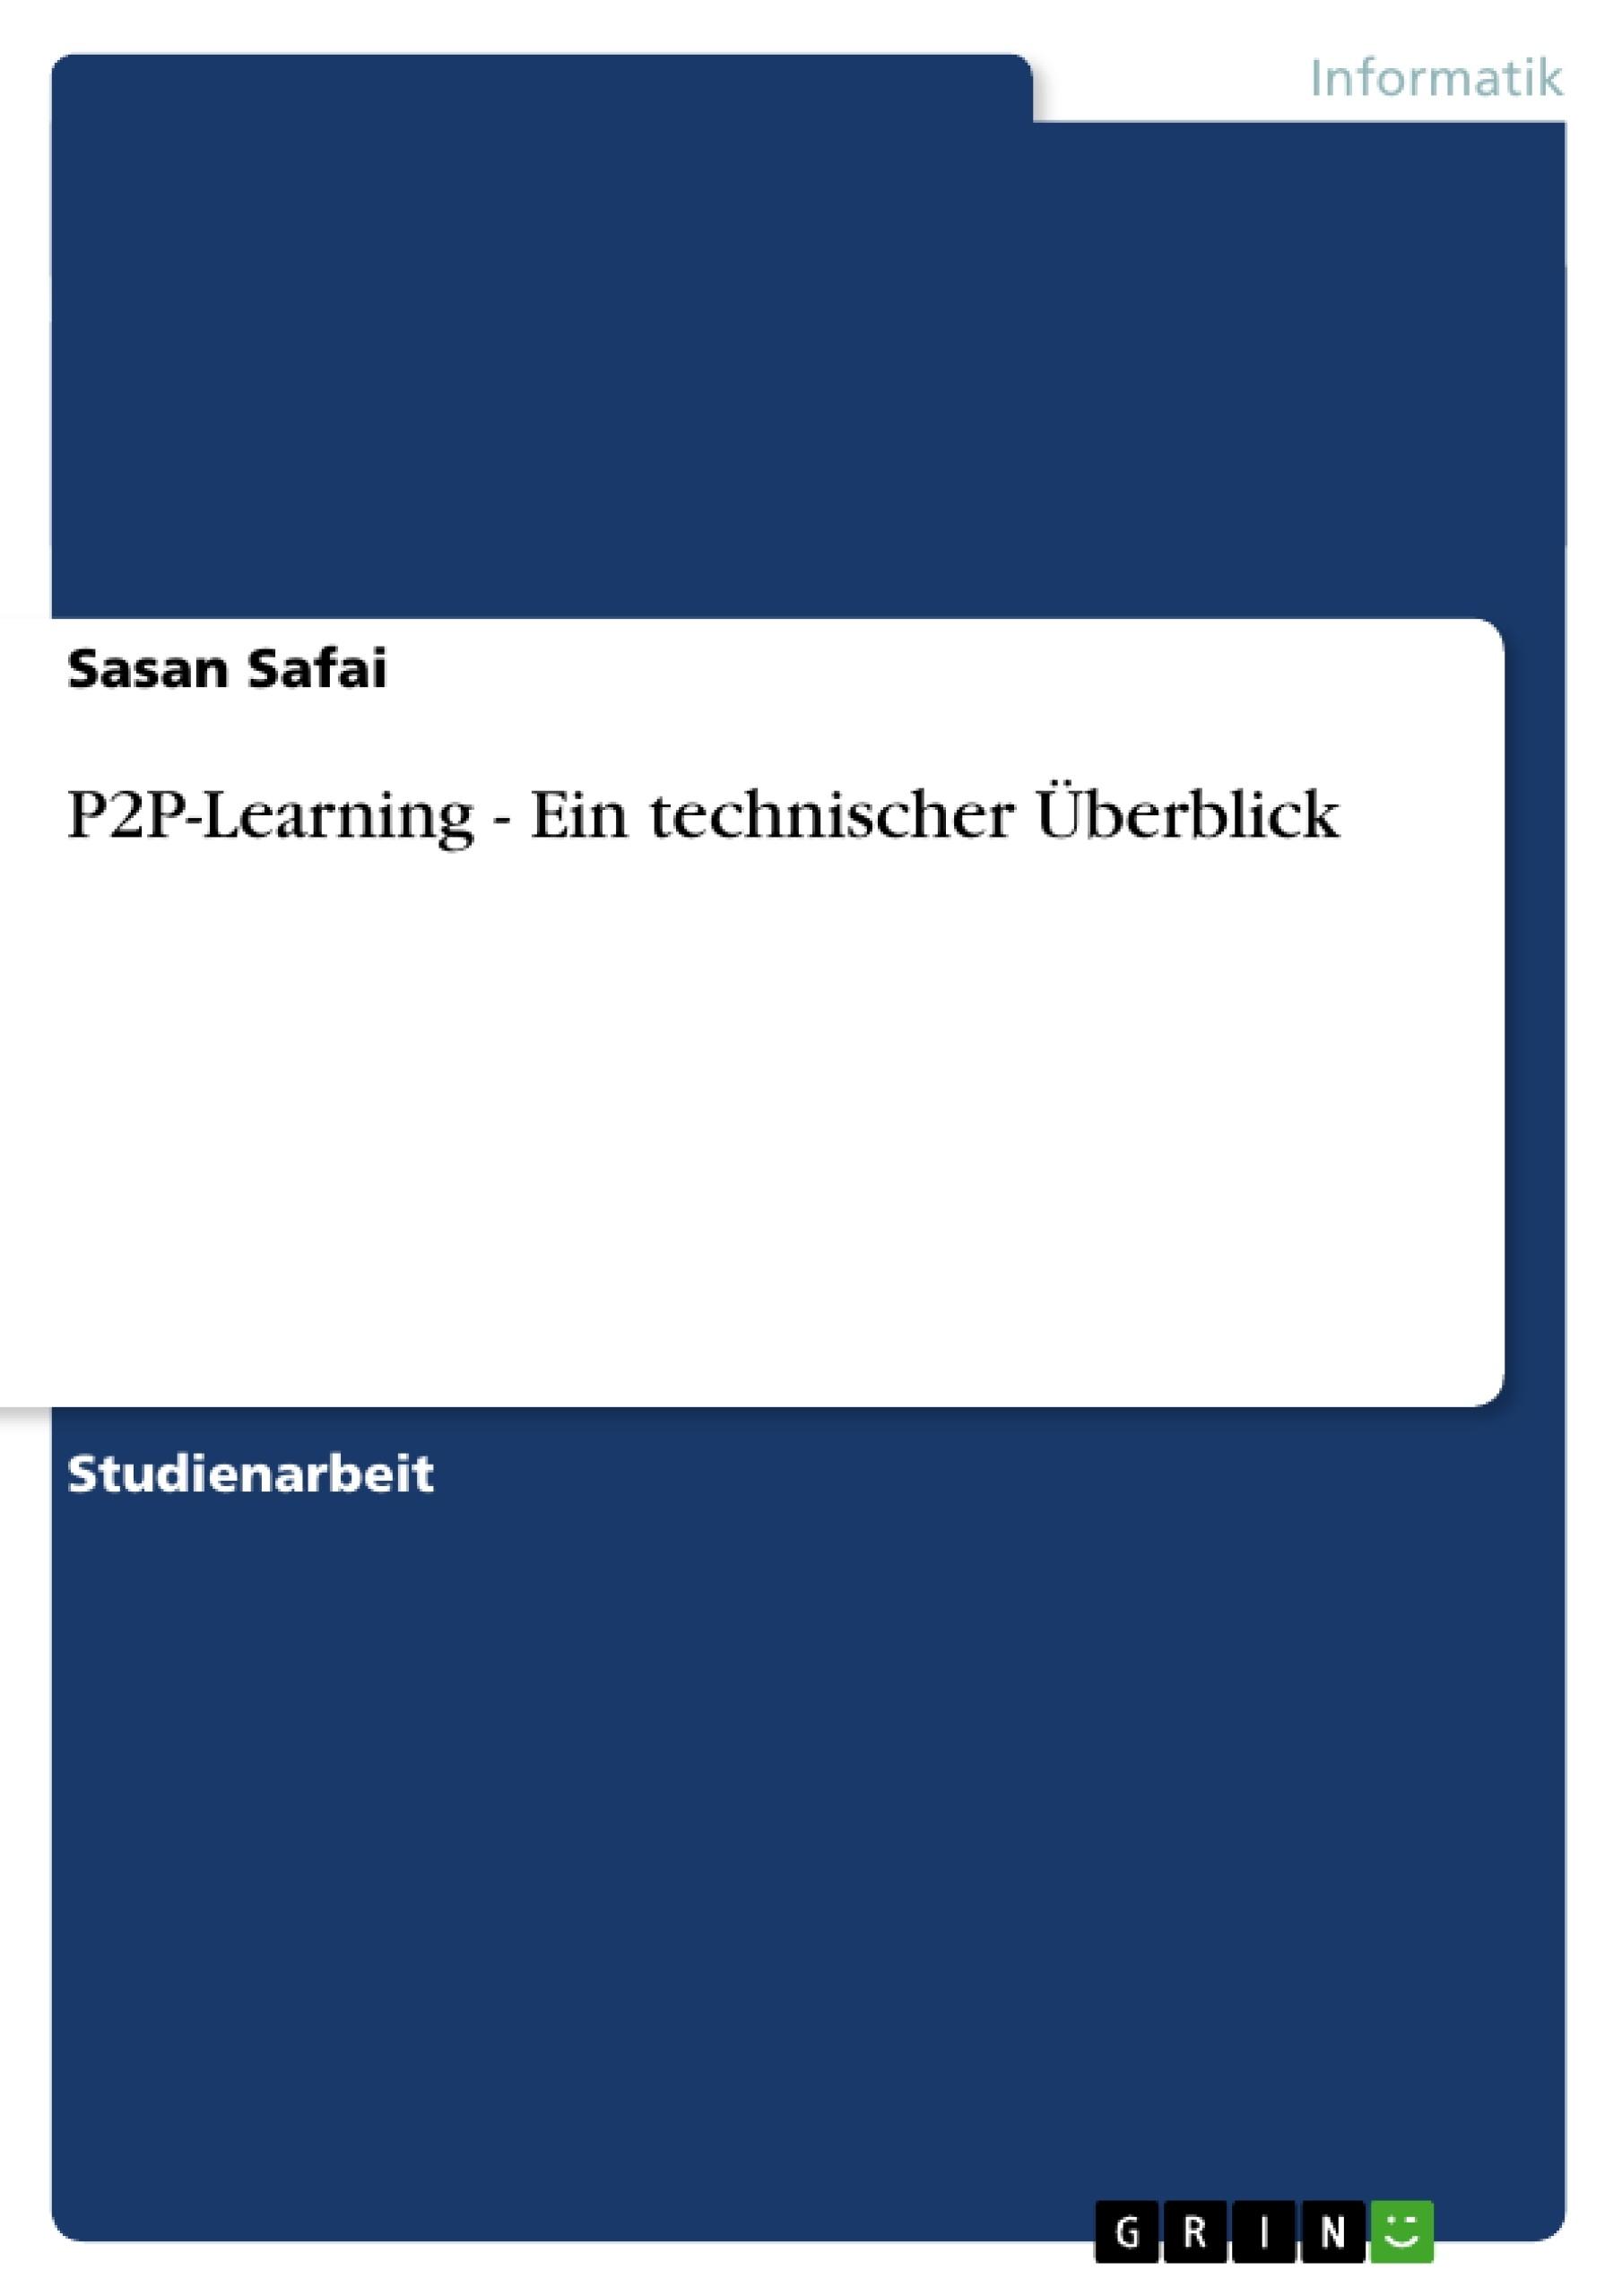 Titel: P2P-Learning - Ein technischer Überblick